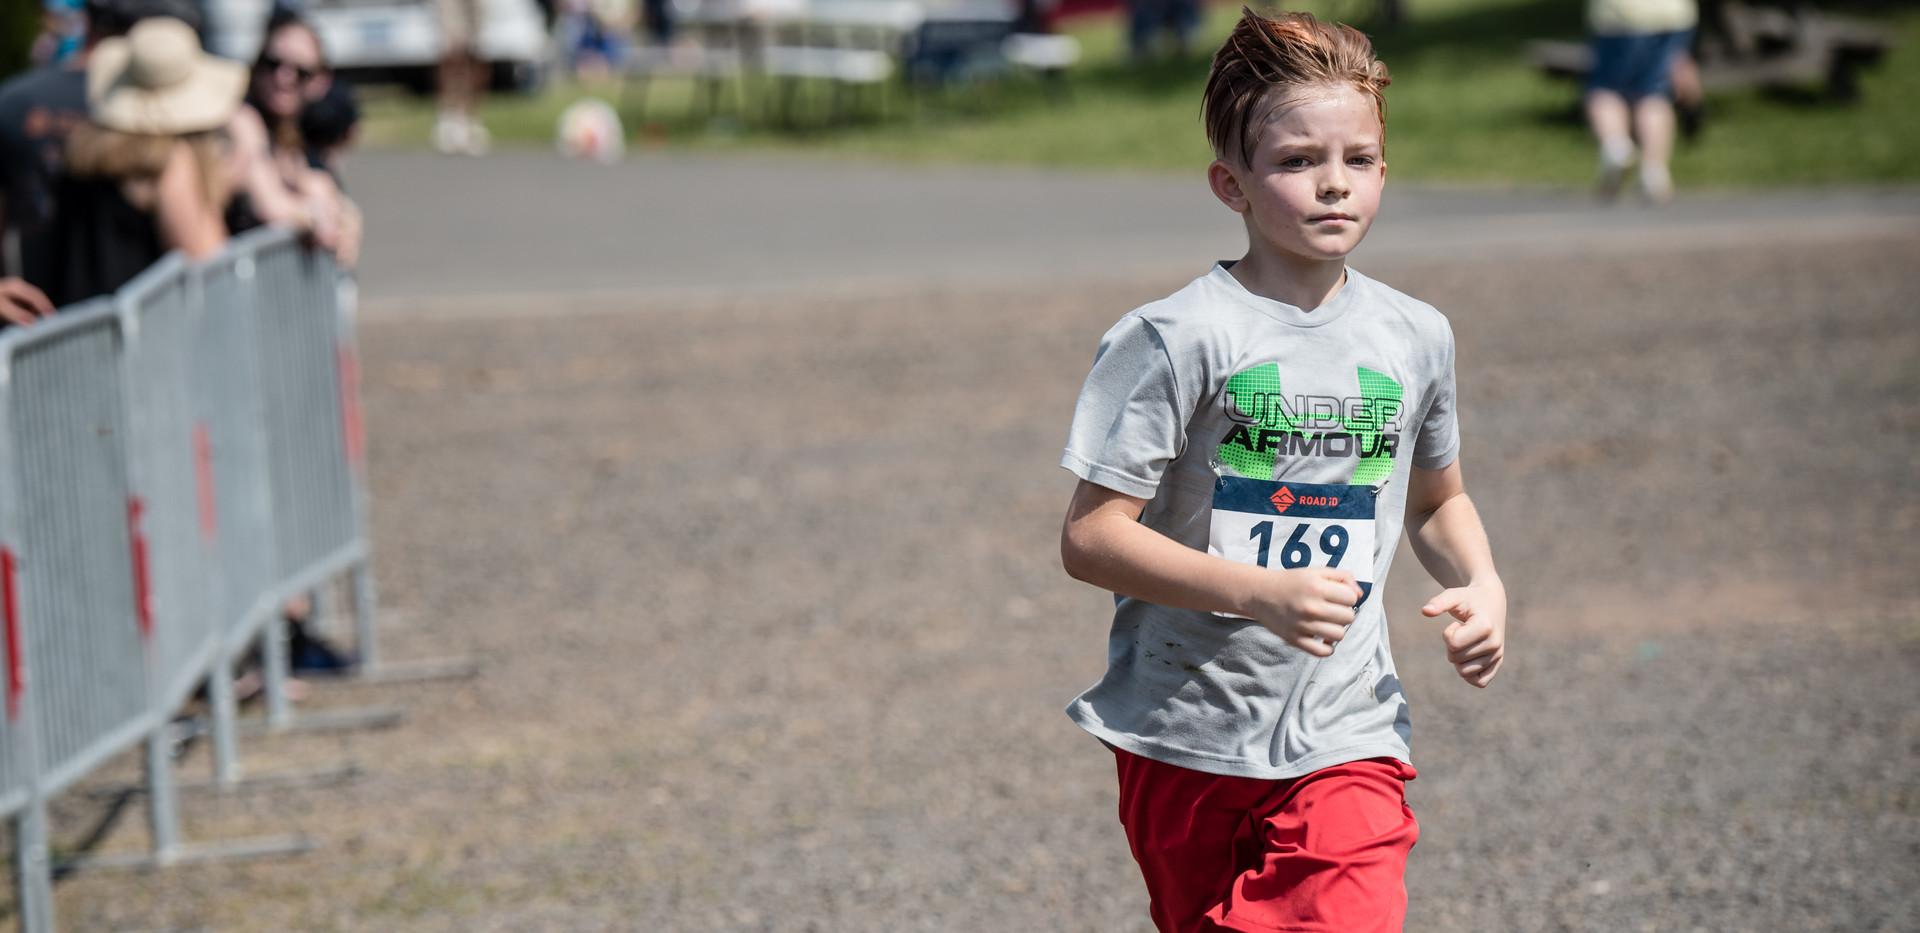 Go far 2018 1 Mile and 2 mile-4029.jpg